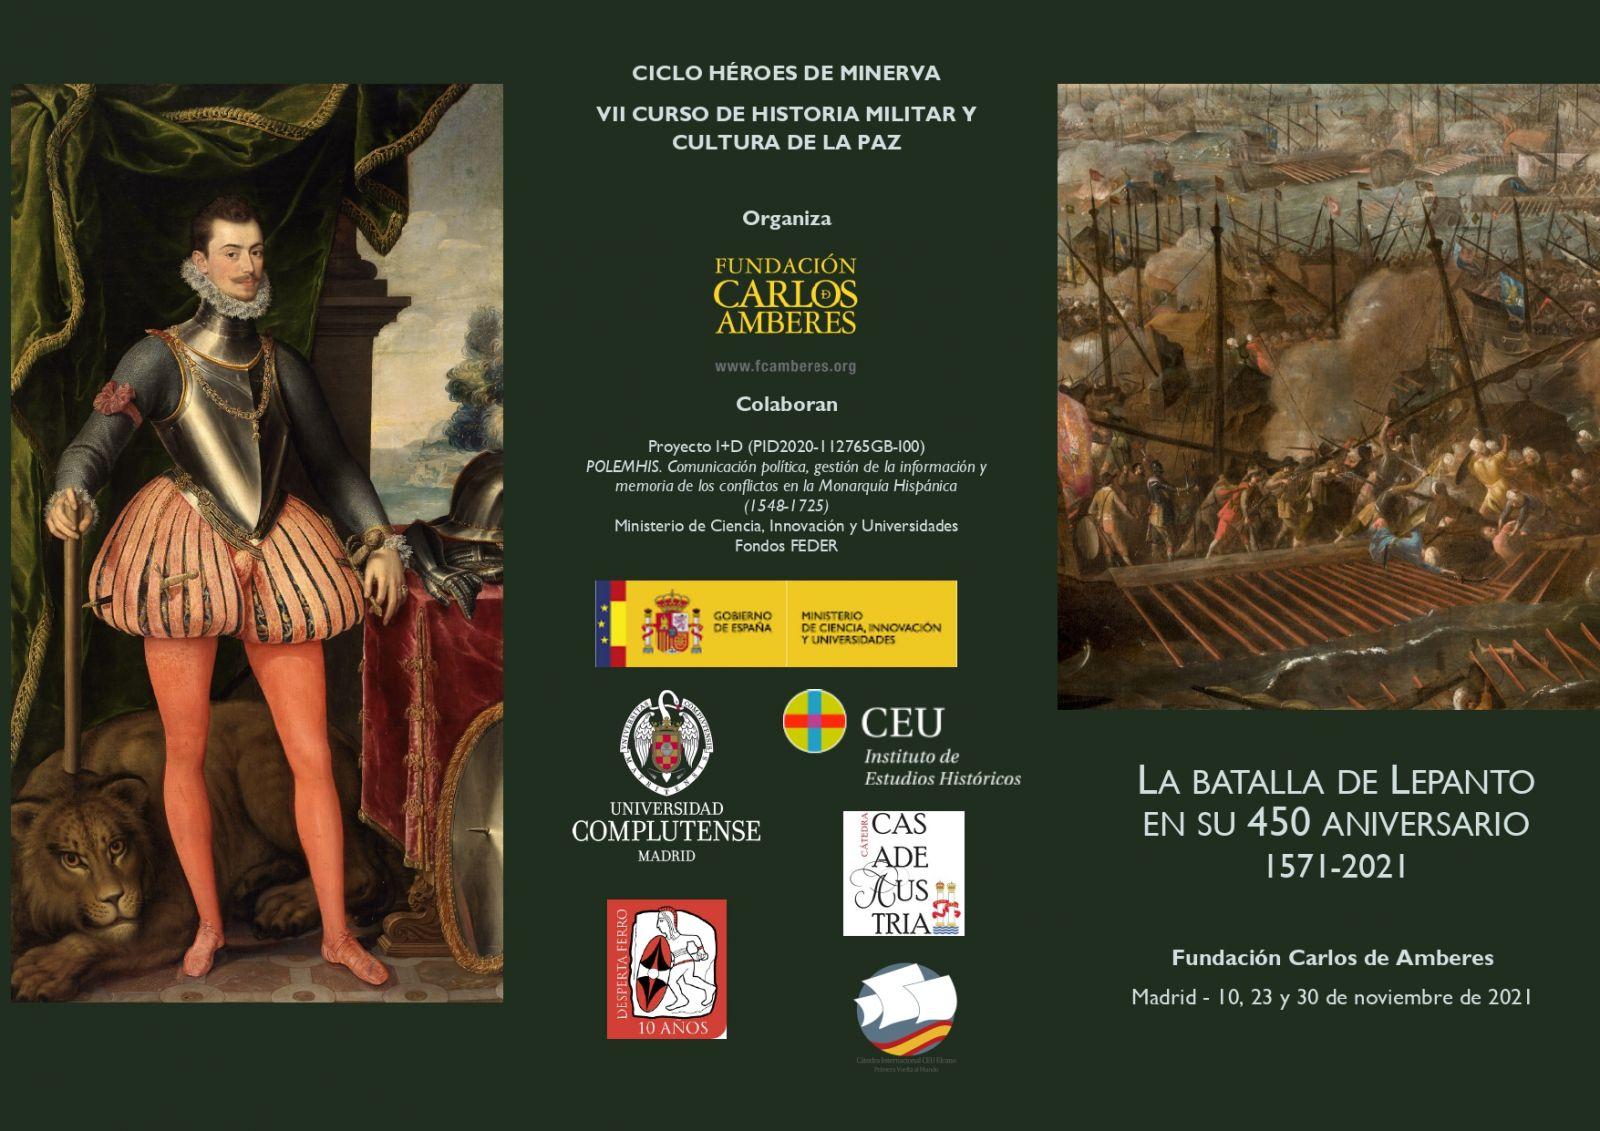 La Batalla de Lepanto en su 450 aniversario 1571-2021